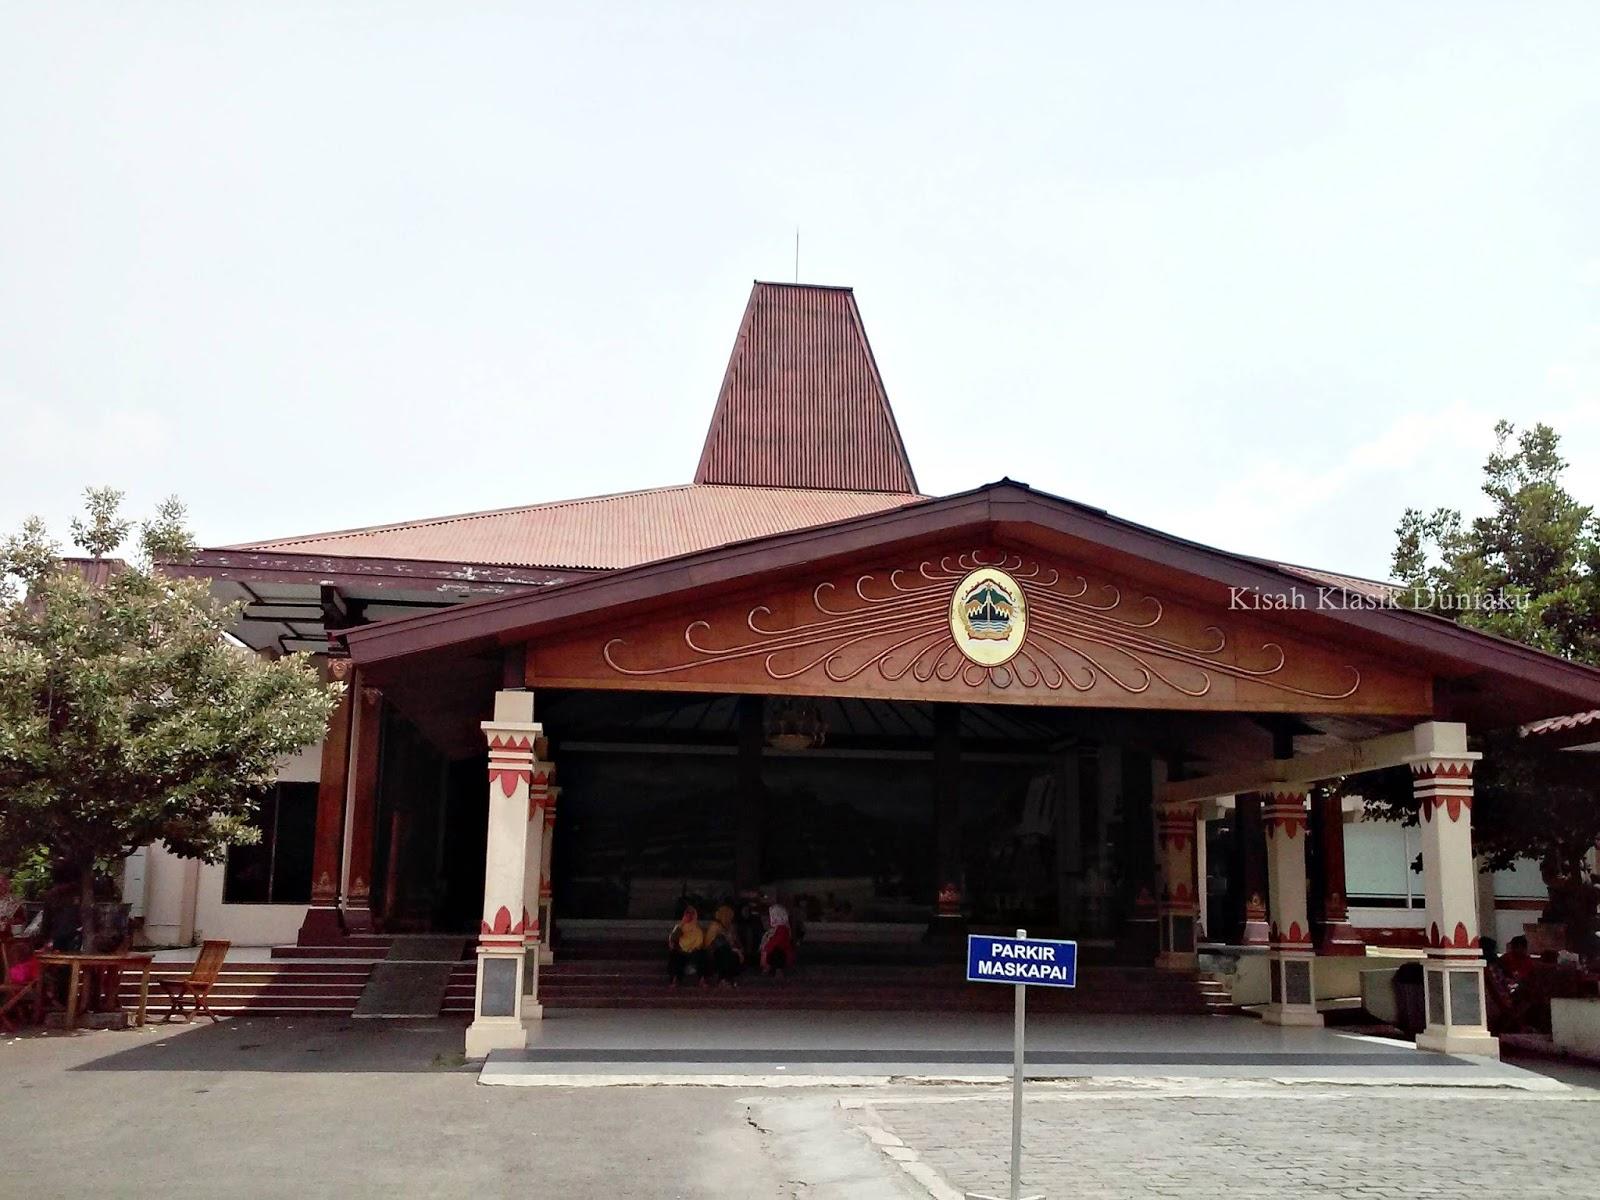 Kisah Klasik Duniaku Museum Ranggawarsita Semarang Sebelum Mengunjungi Mandala Bhakti